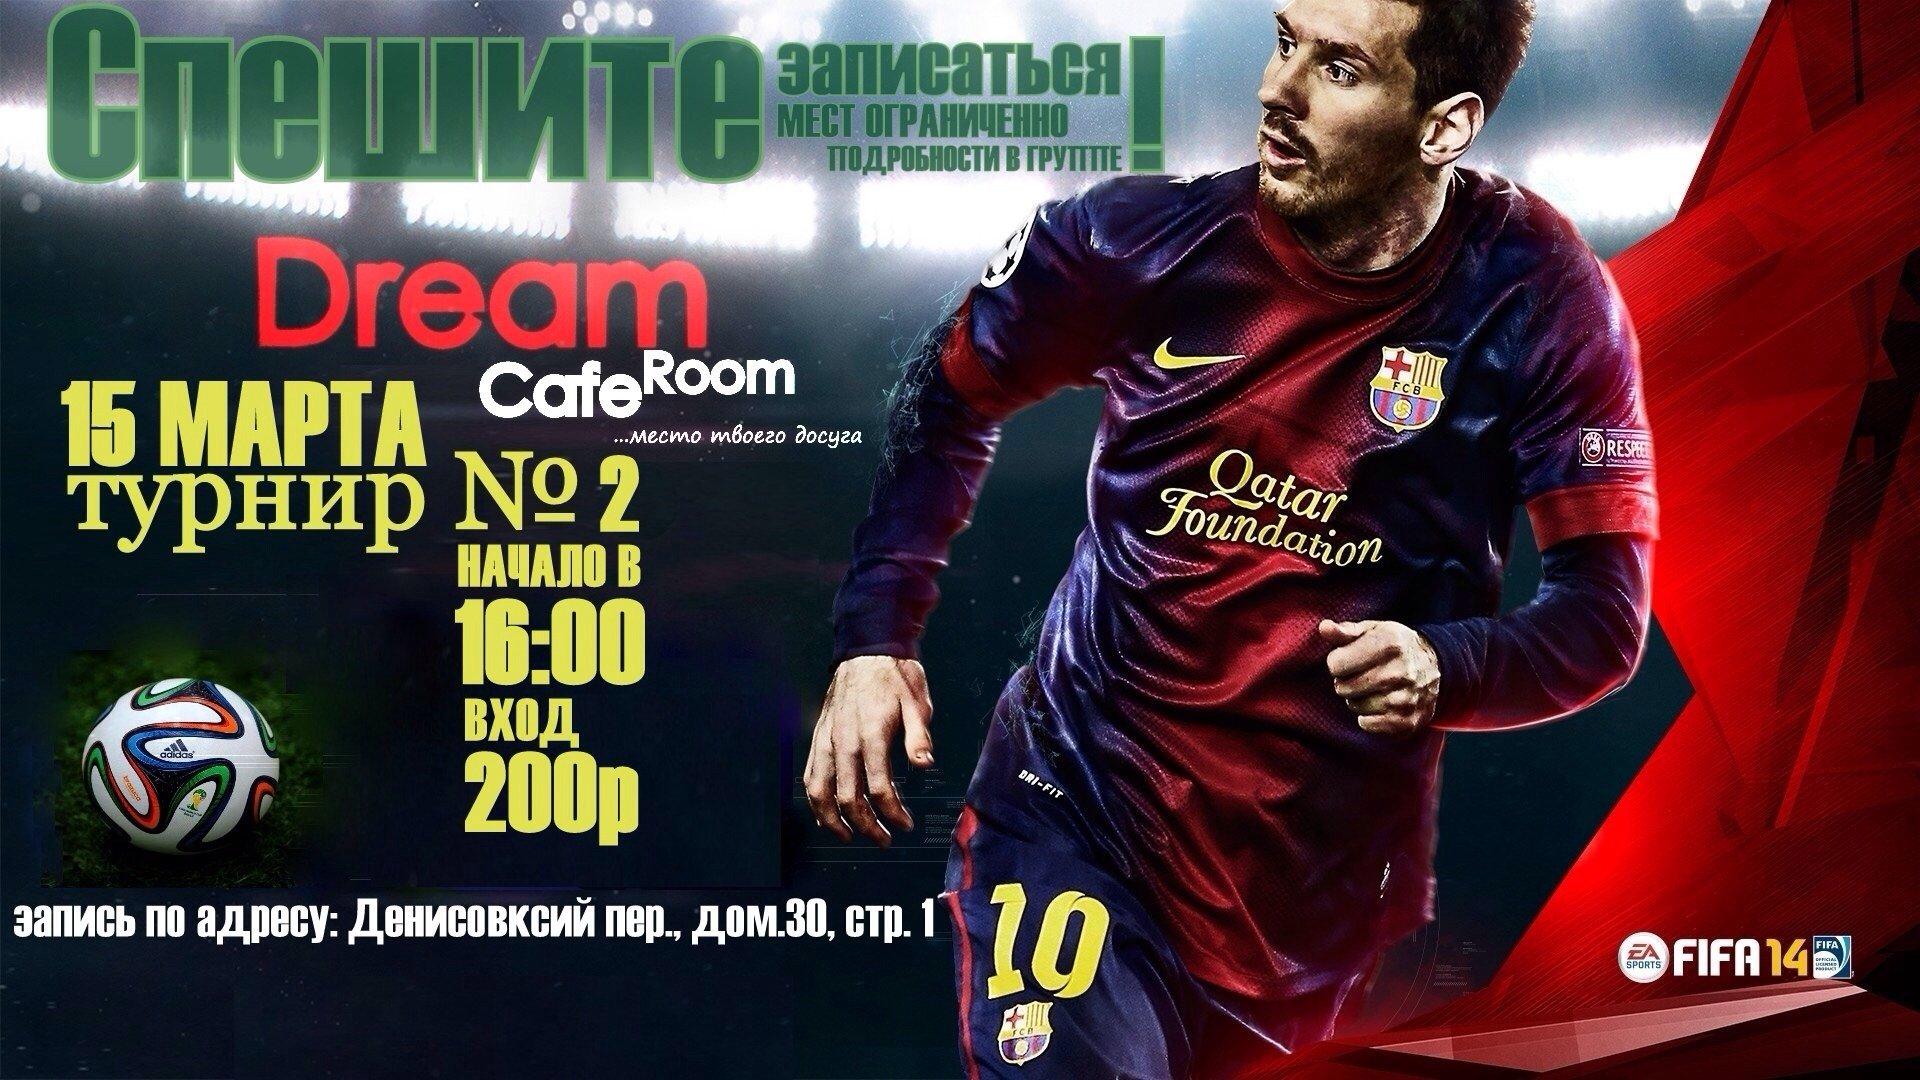 Турнир FIFA14 в DreamRoomCafe! Вы с нами? - Изображение 1